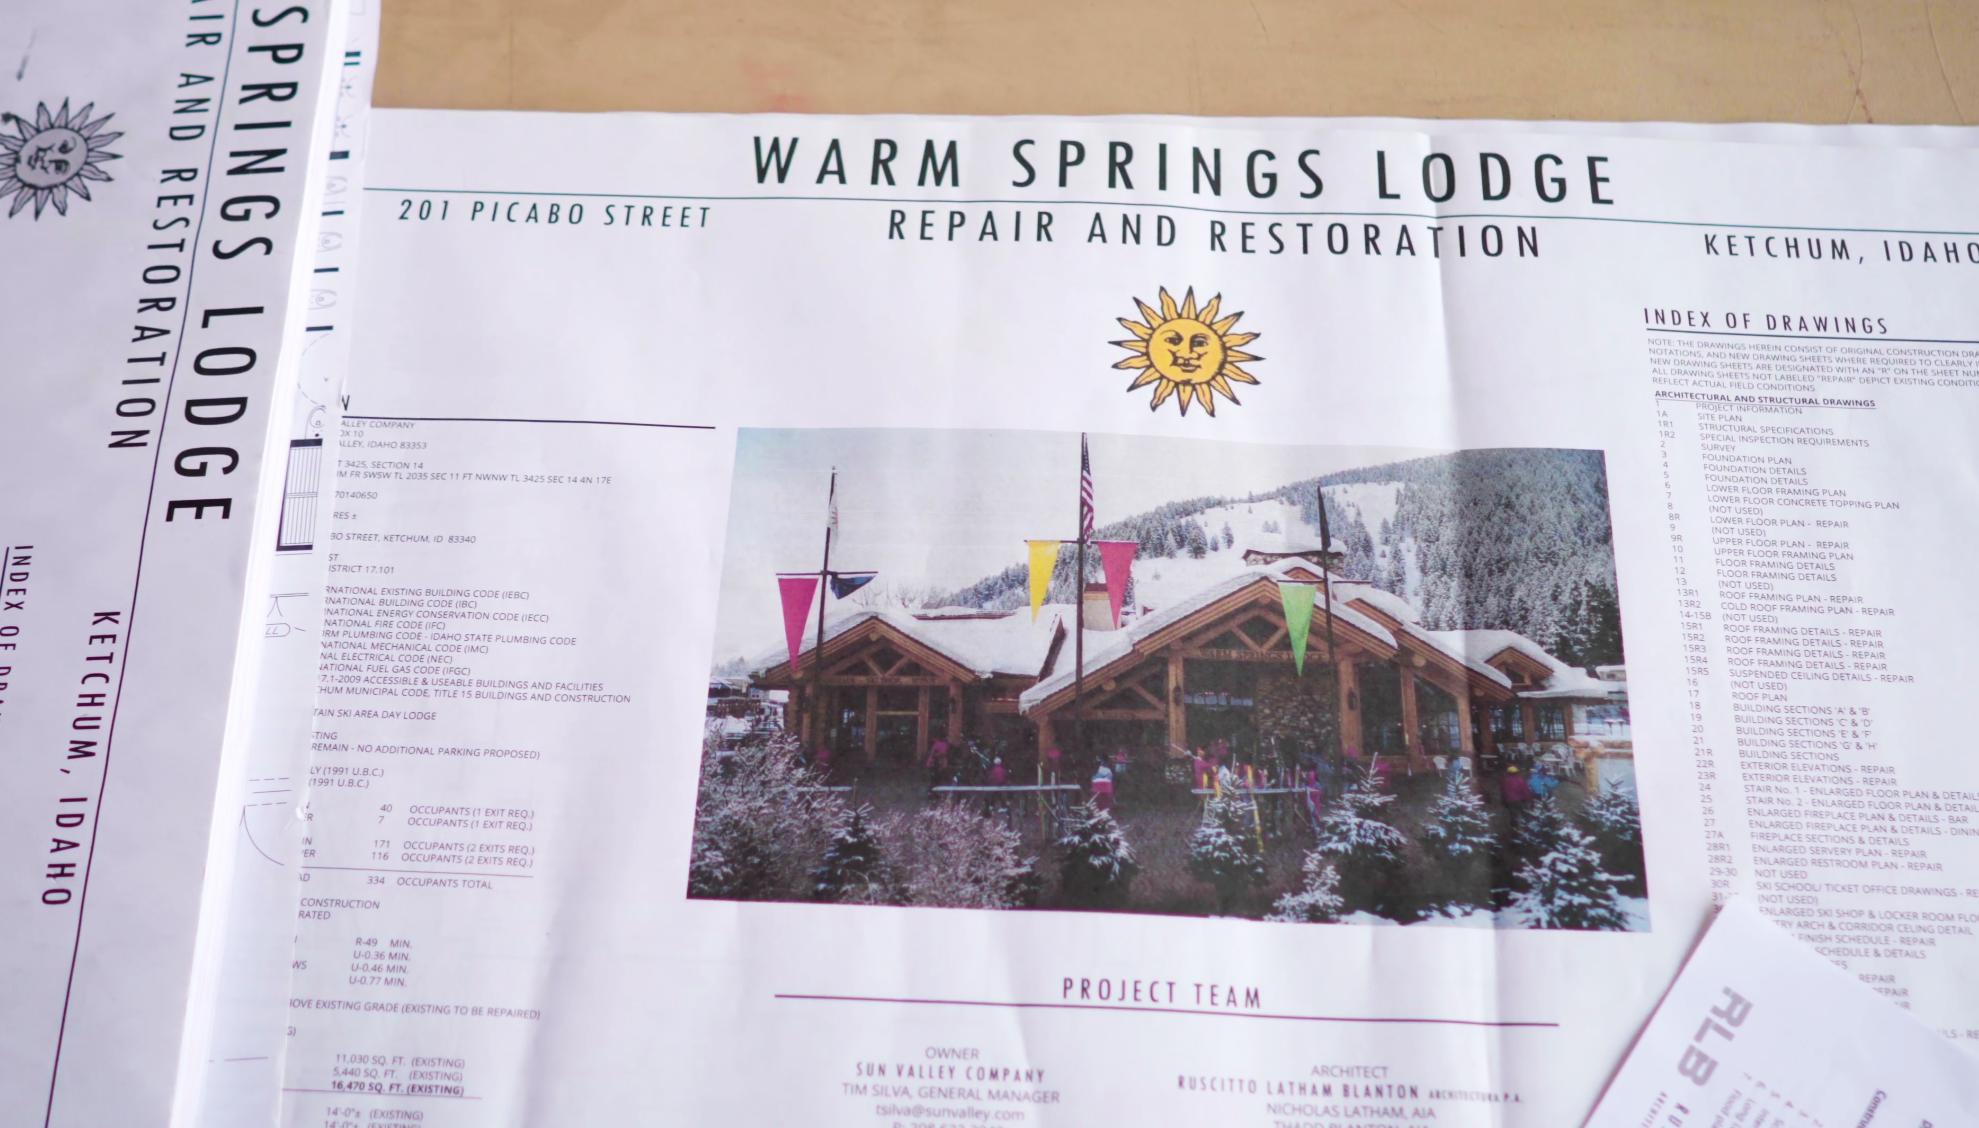 warmsprings9.jpg